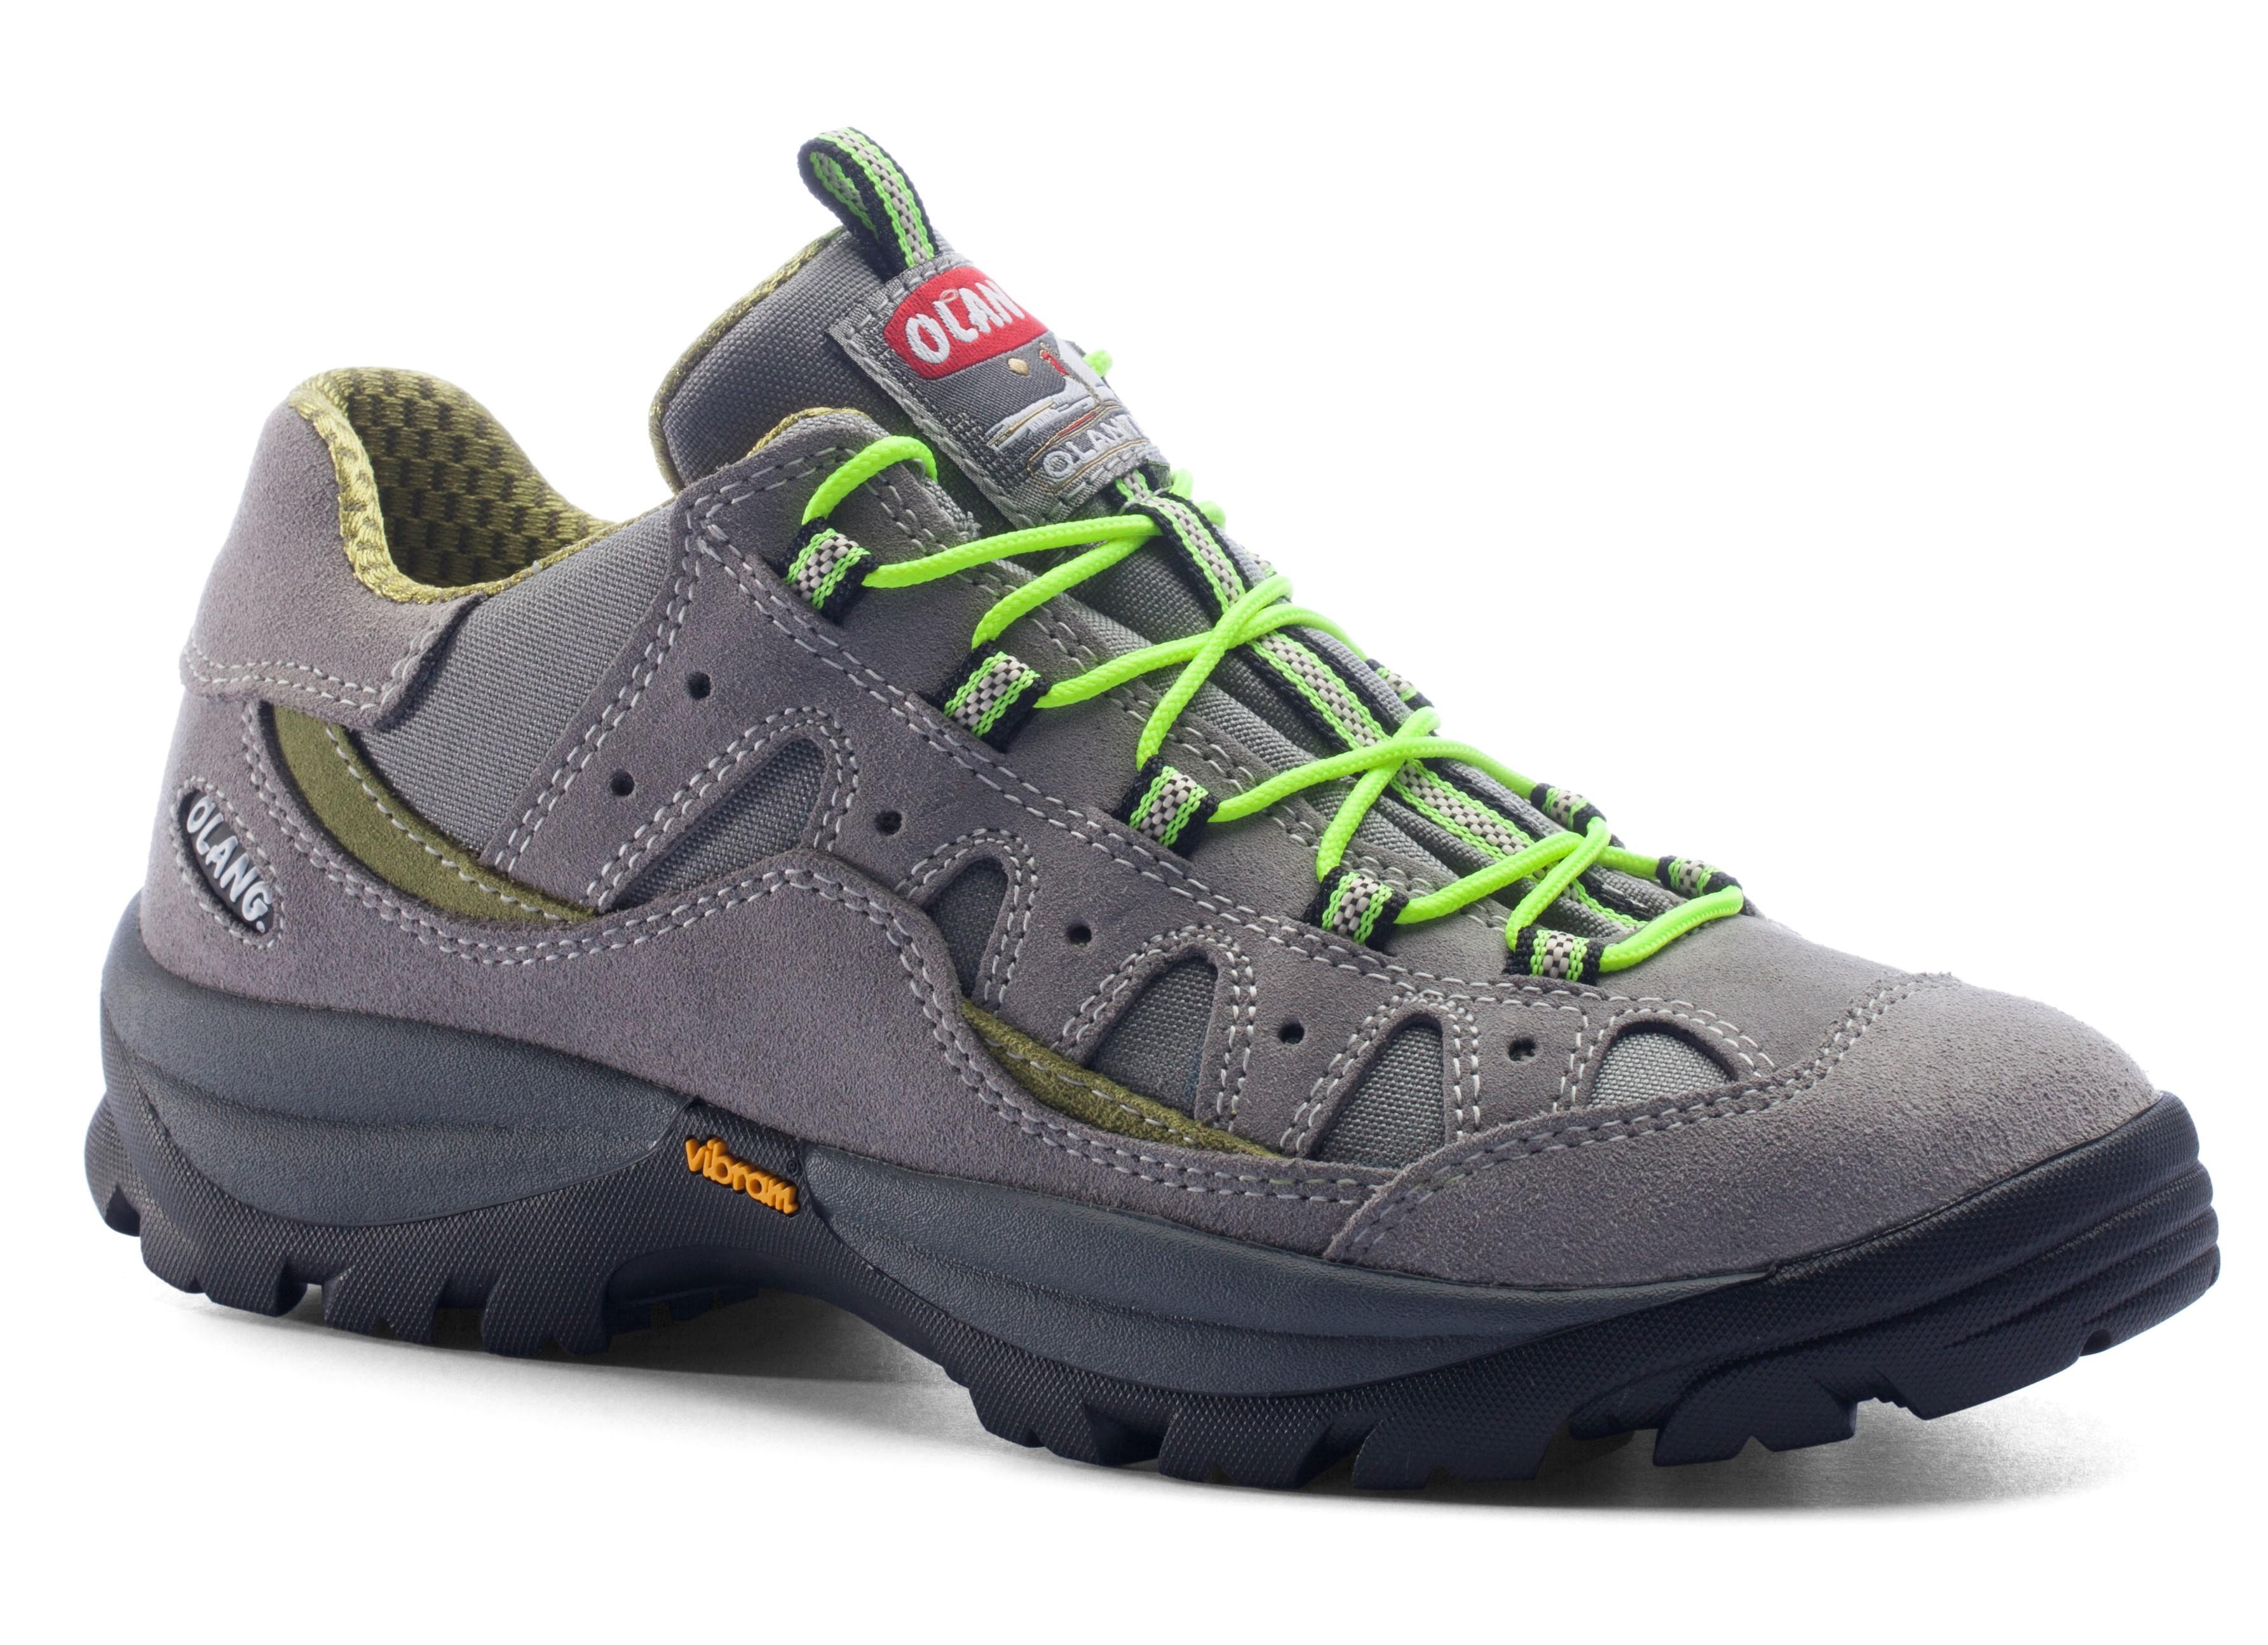 Pánská treková obuv Olang Sole.Tex šedá Velikost: 42 (EU)